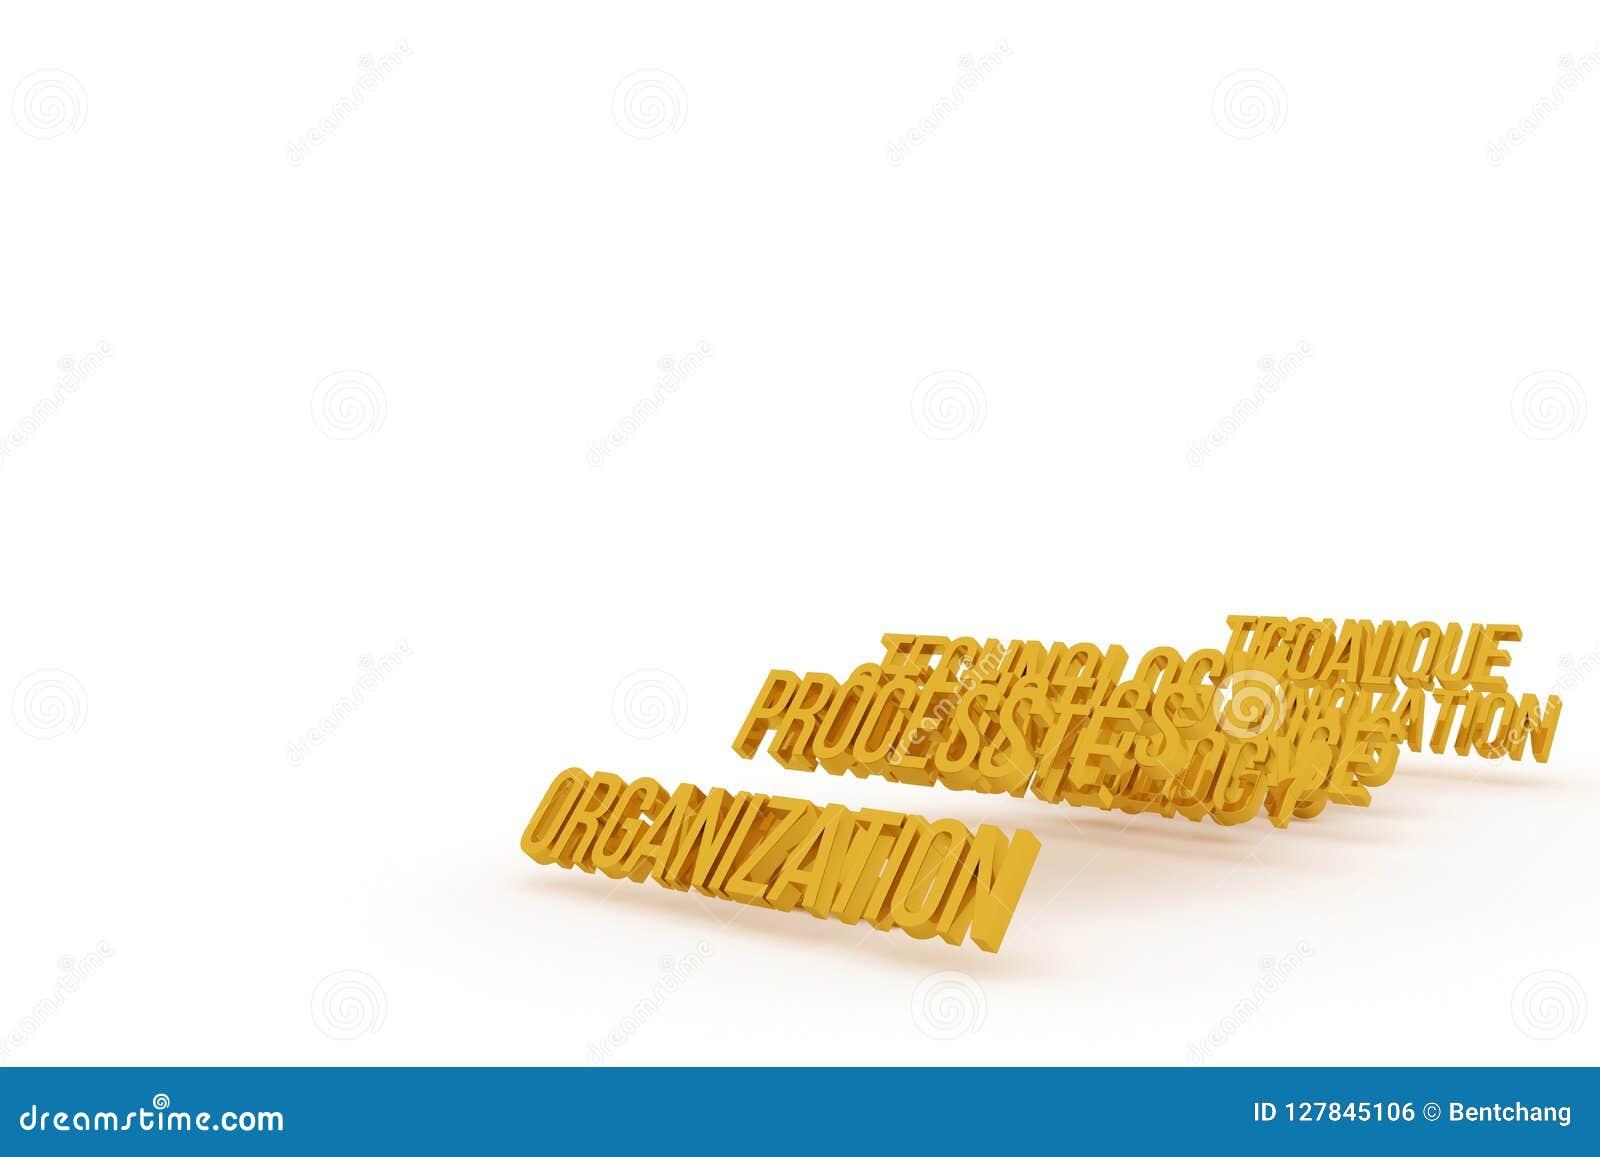 Organisation, goldene begrifflichwörter 3D des Geschäfts Design, Tapete, Hintergrund u. Titel